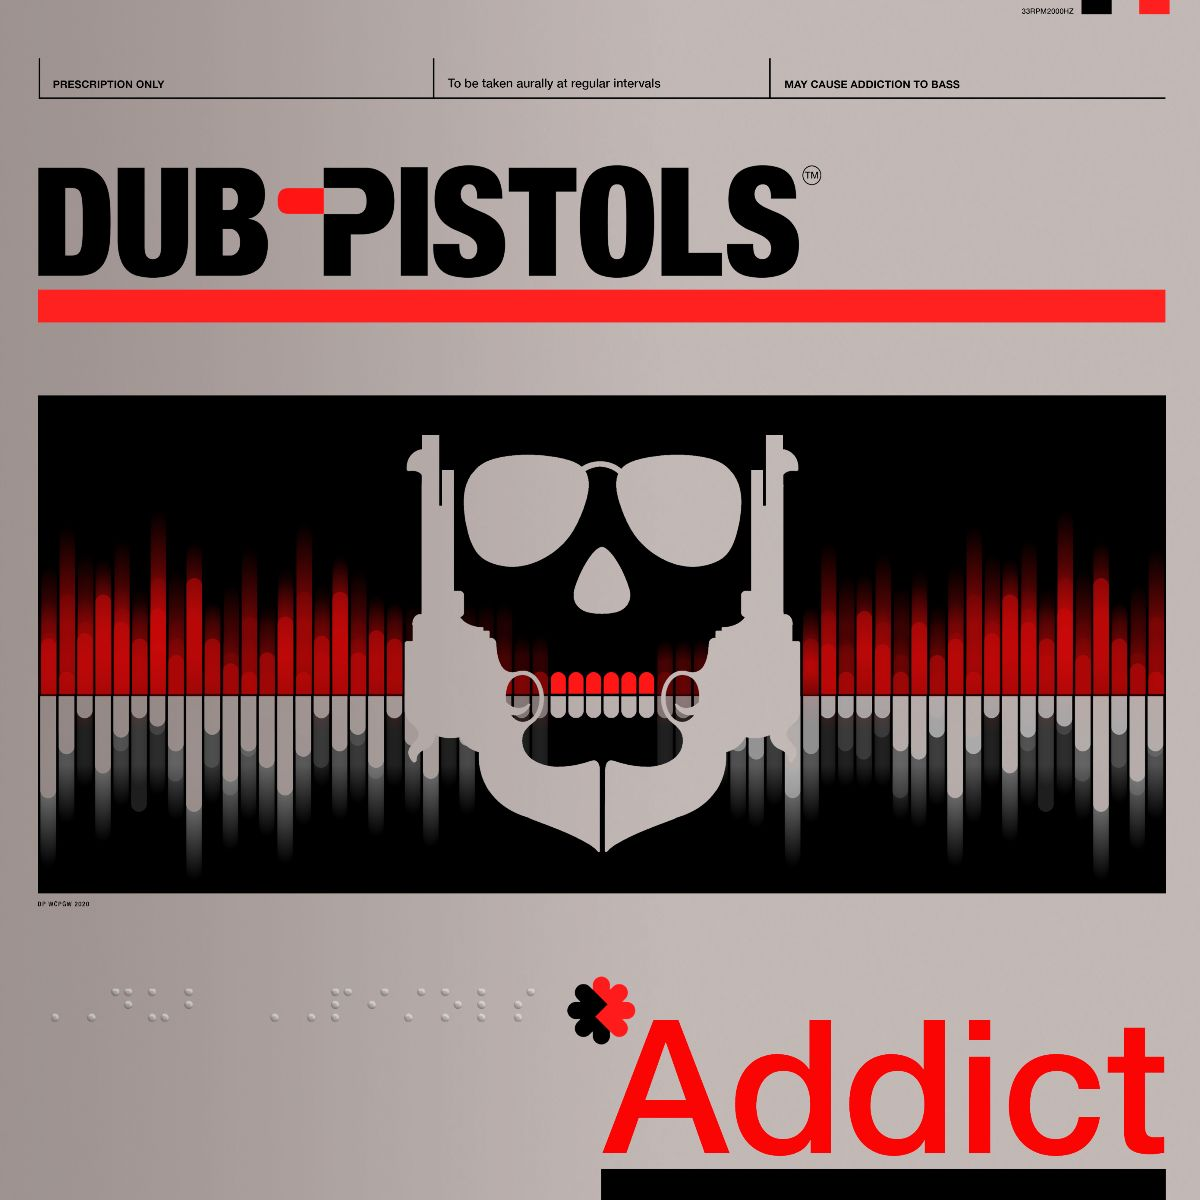 Dub Pistols Addict